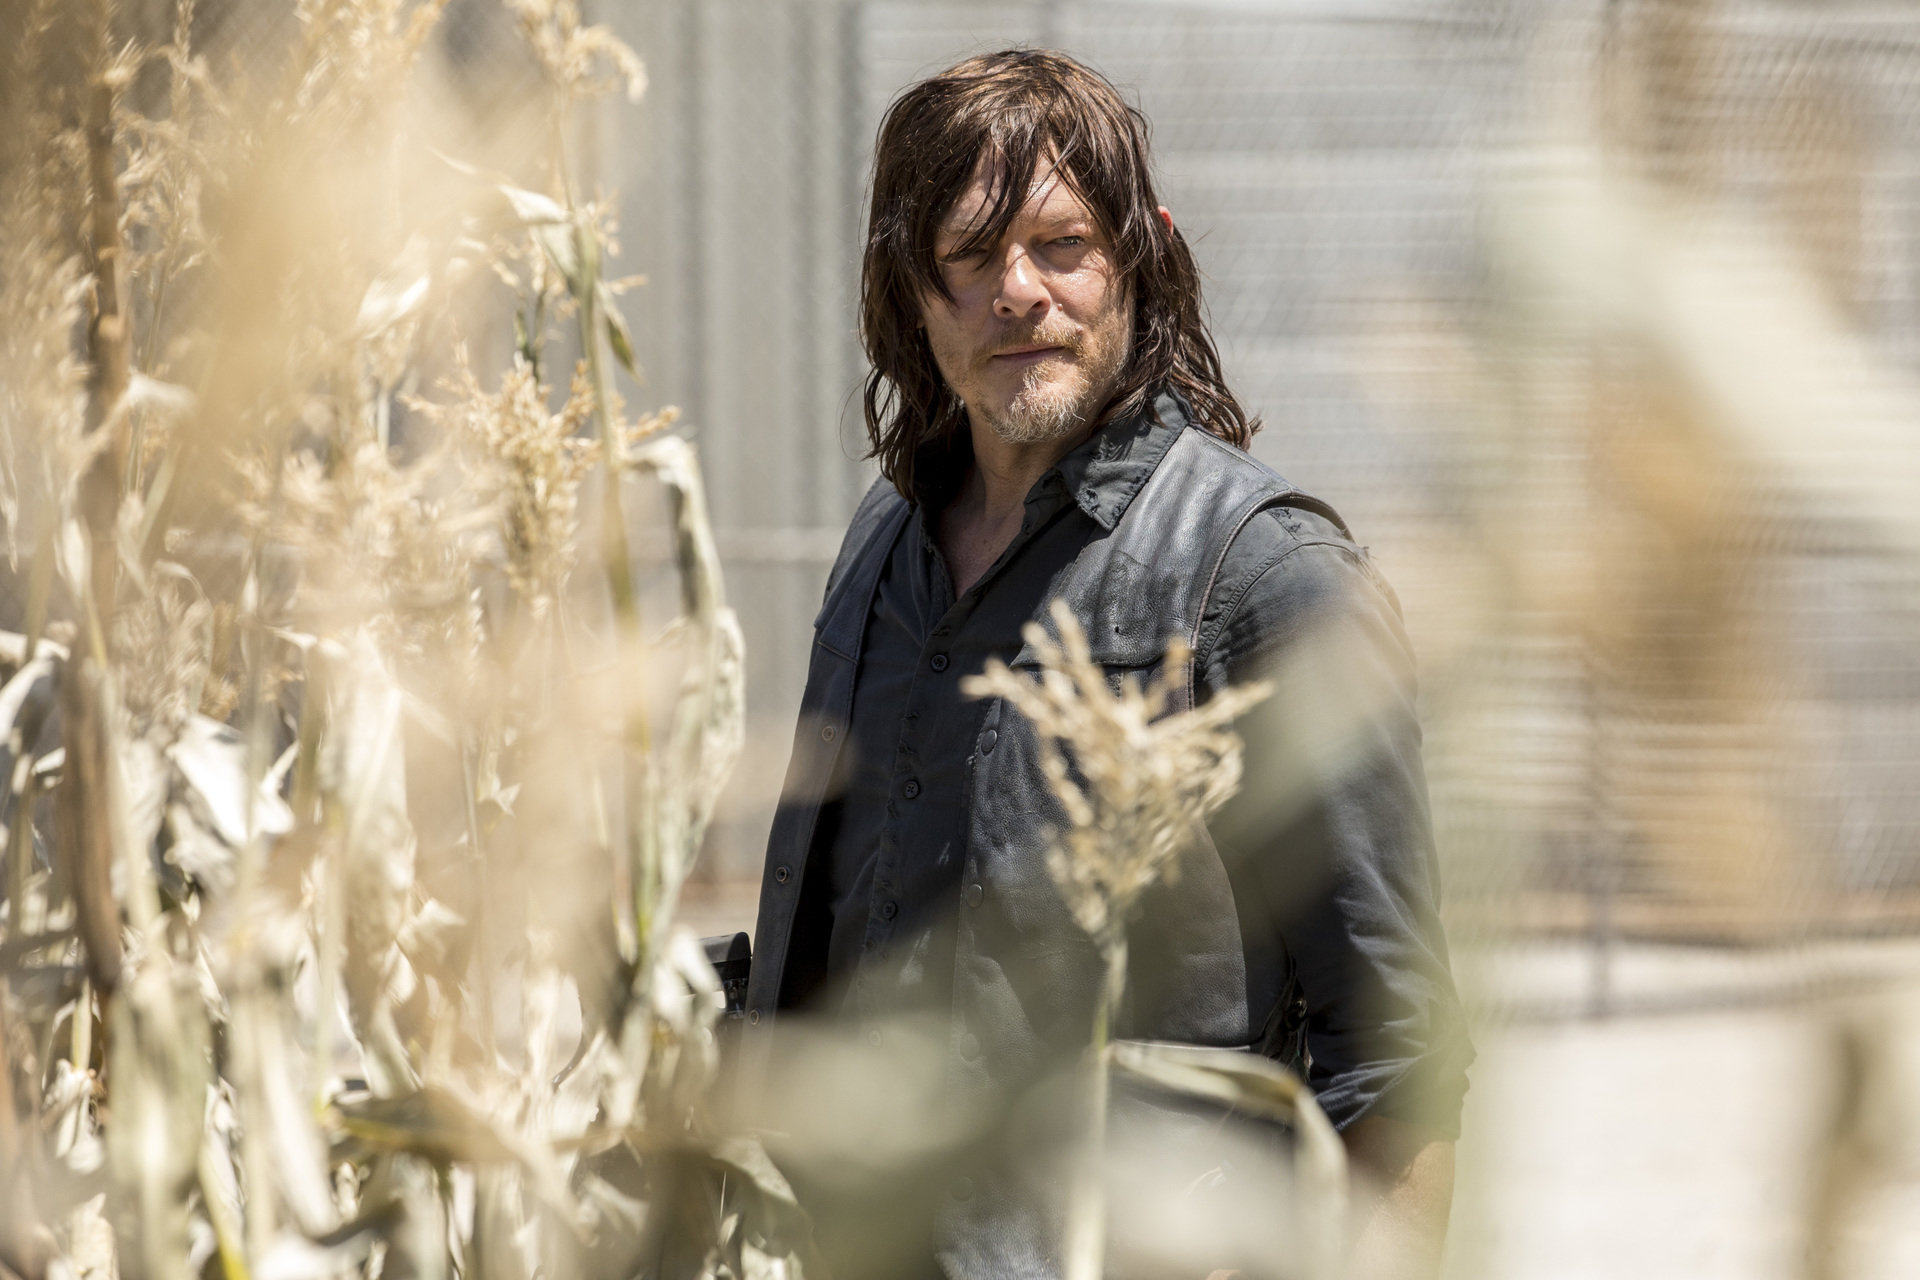 FOX ujawnia datę premiery oraz pierwszy zwiastun 9. sezonu The Walking Dead! Serial powróci na FOX już 8 października o godz. 22:00.